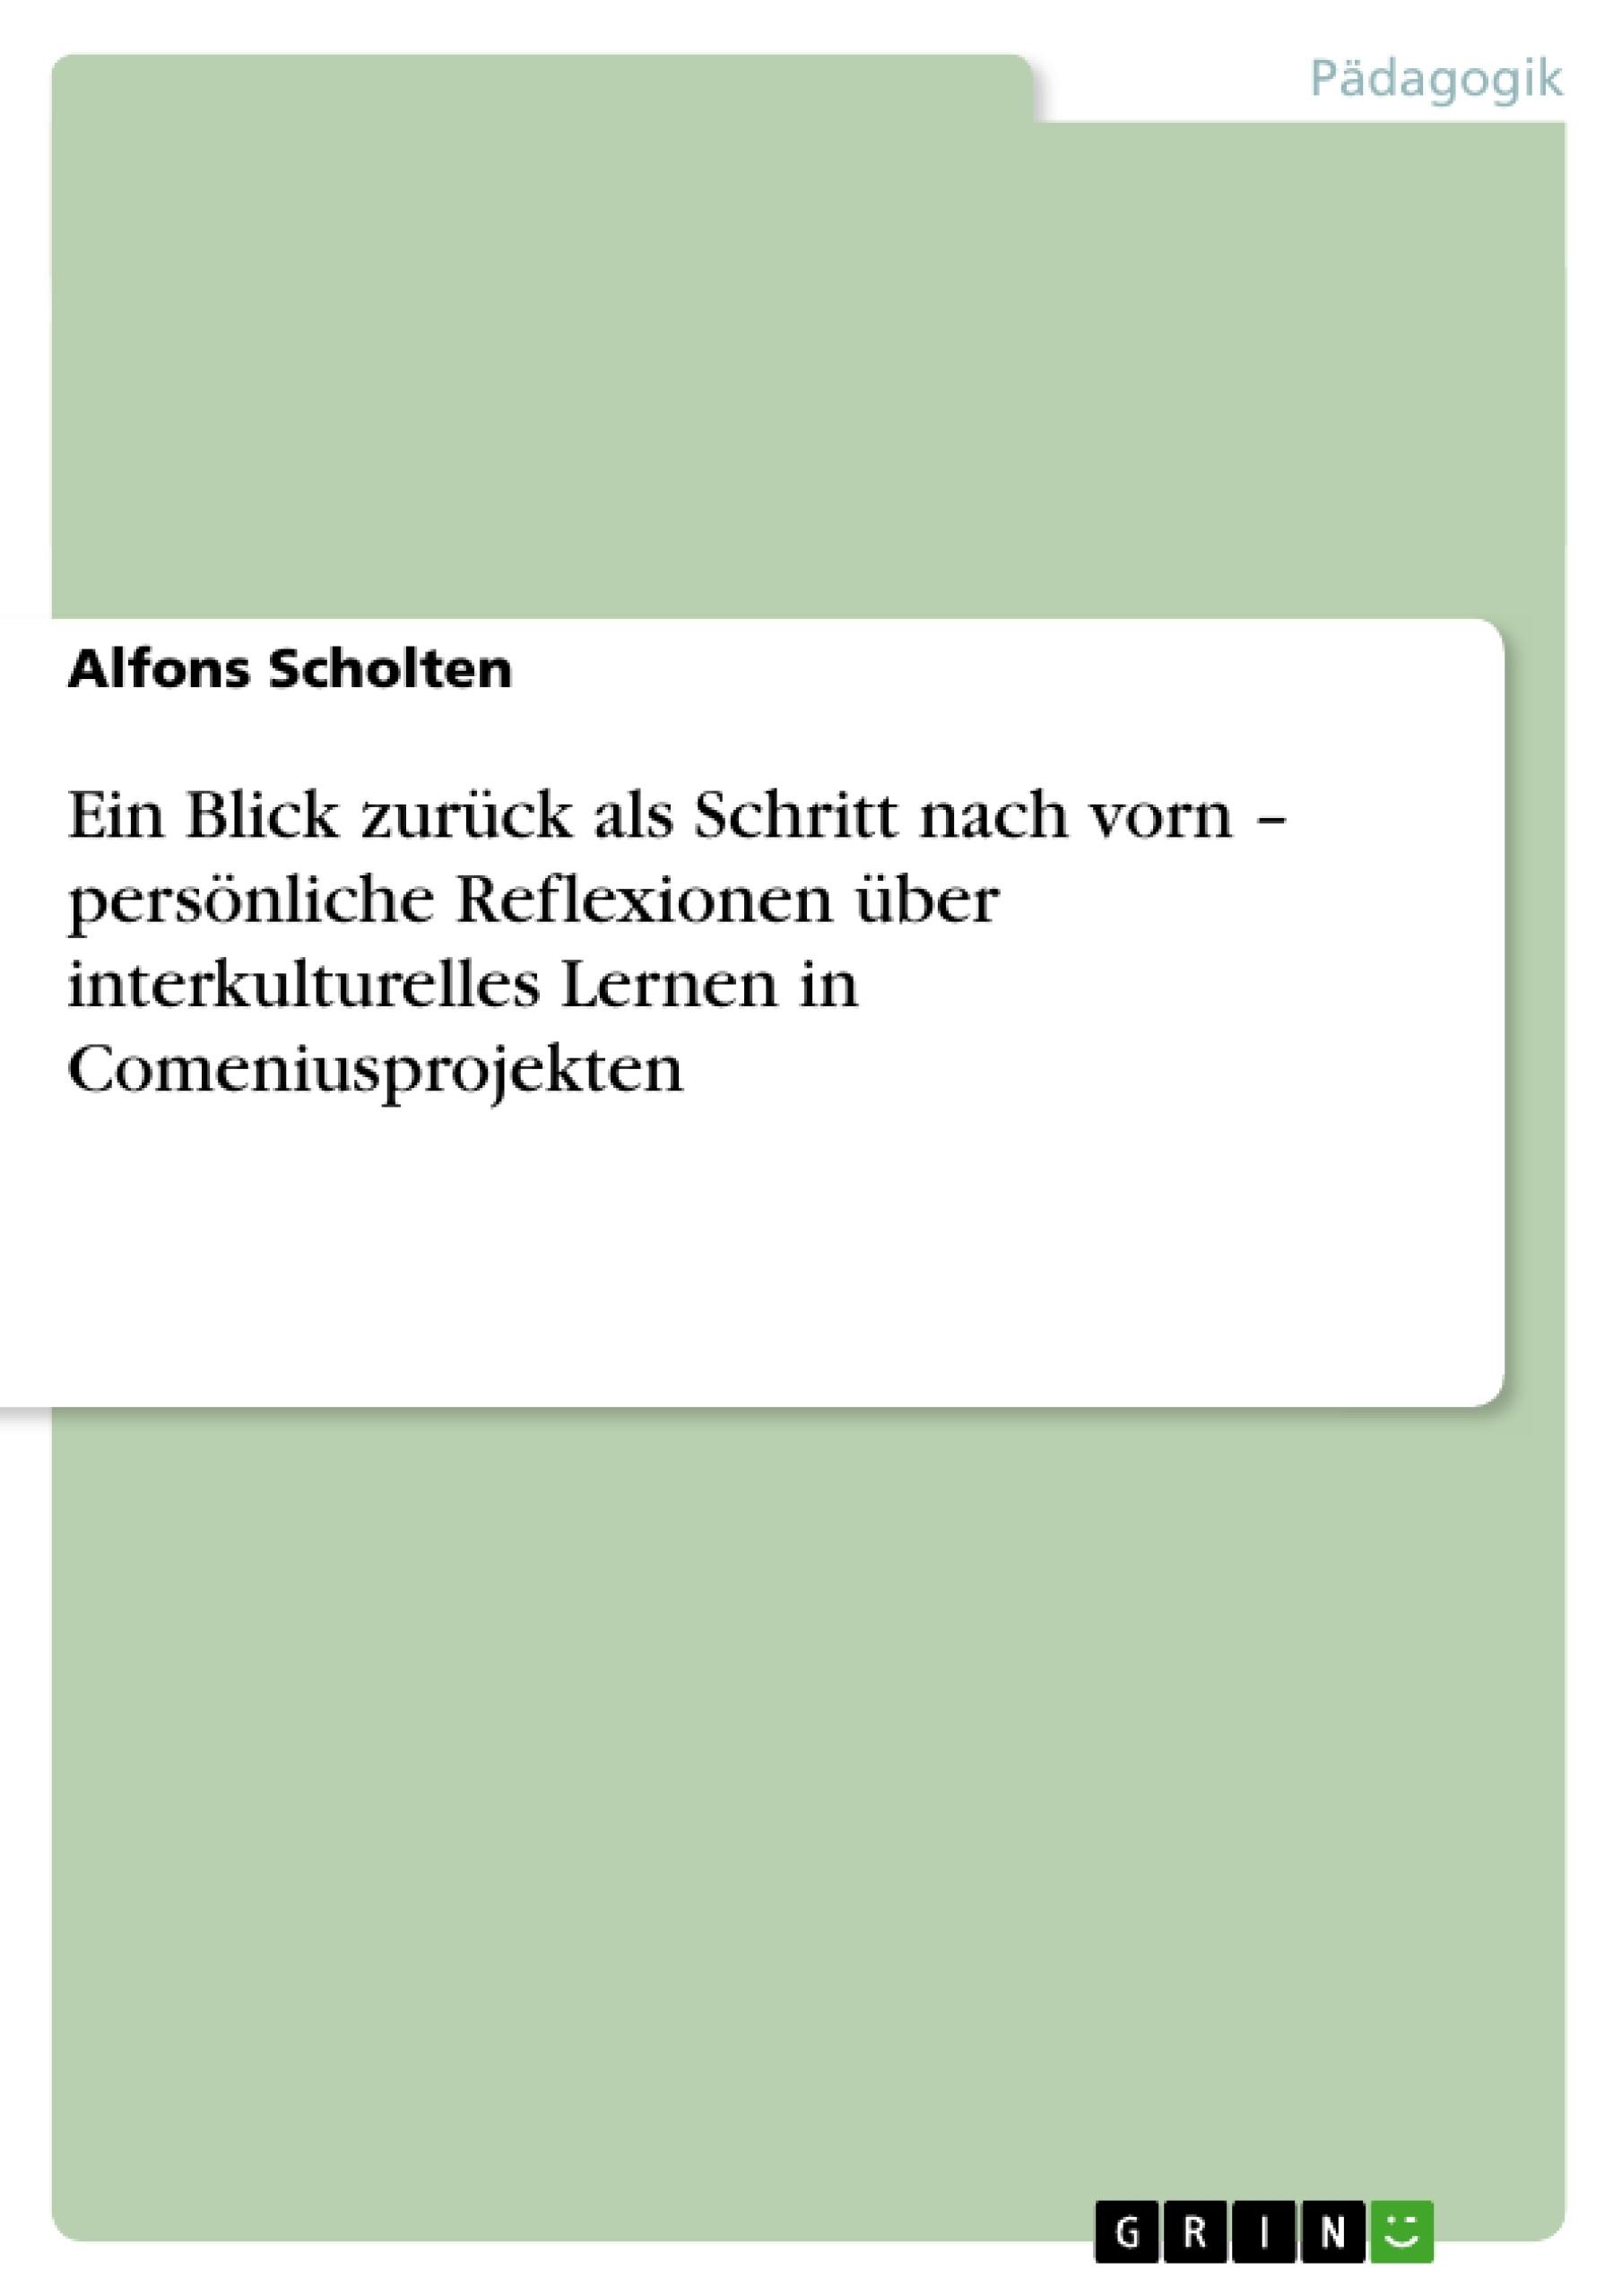 Titel: Ein Blick zurück als Schritt nach vorn – persönliche Reflexionen über interkulturelles Lernen in Comeniusprojekten